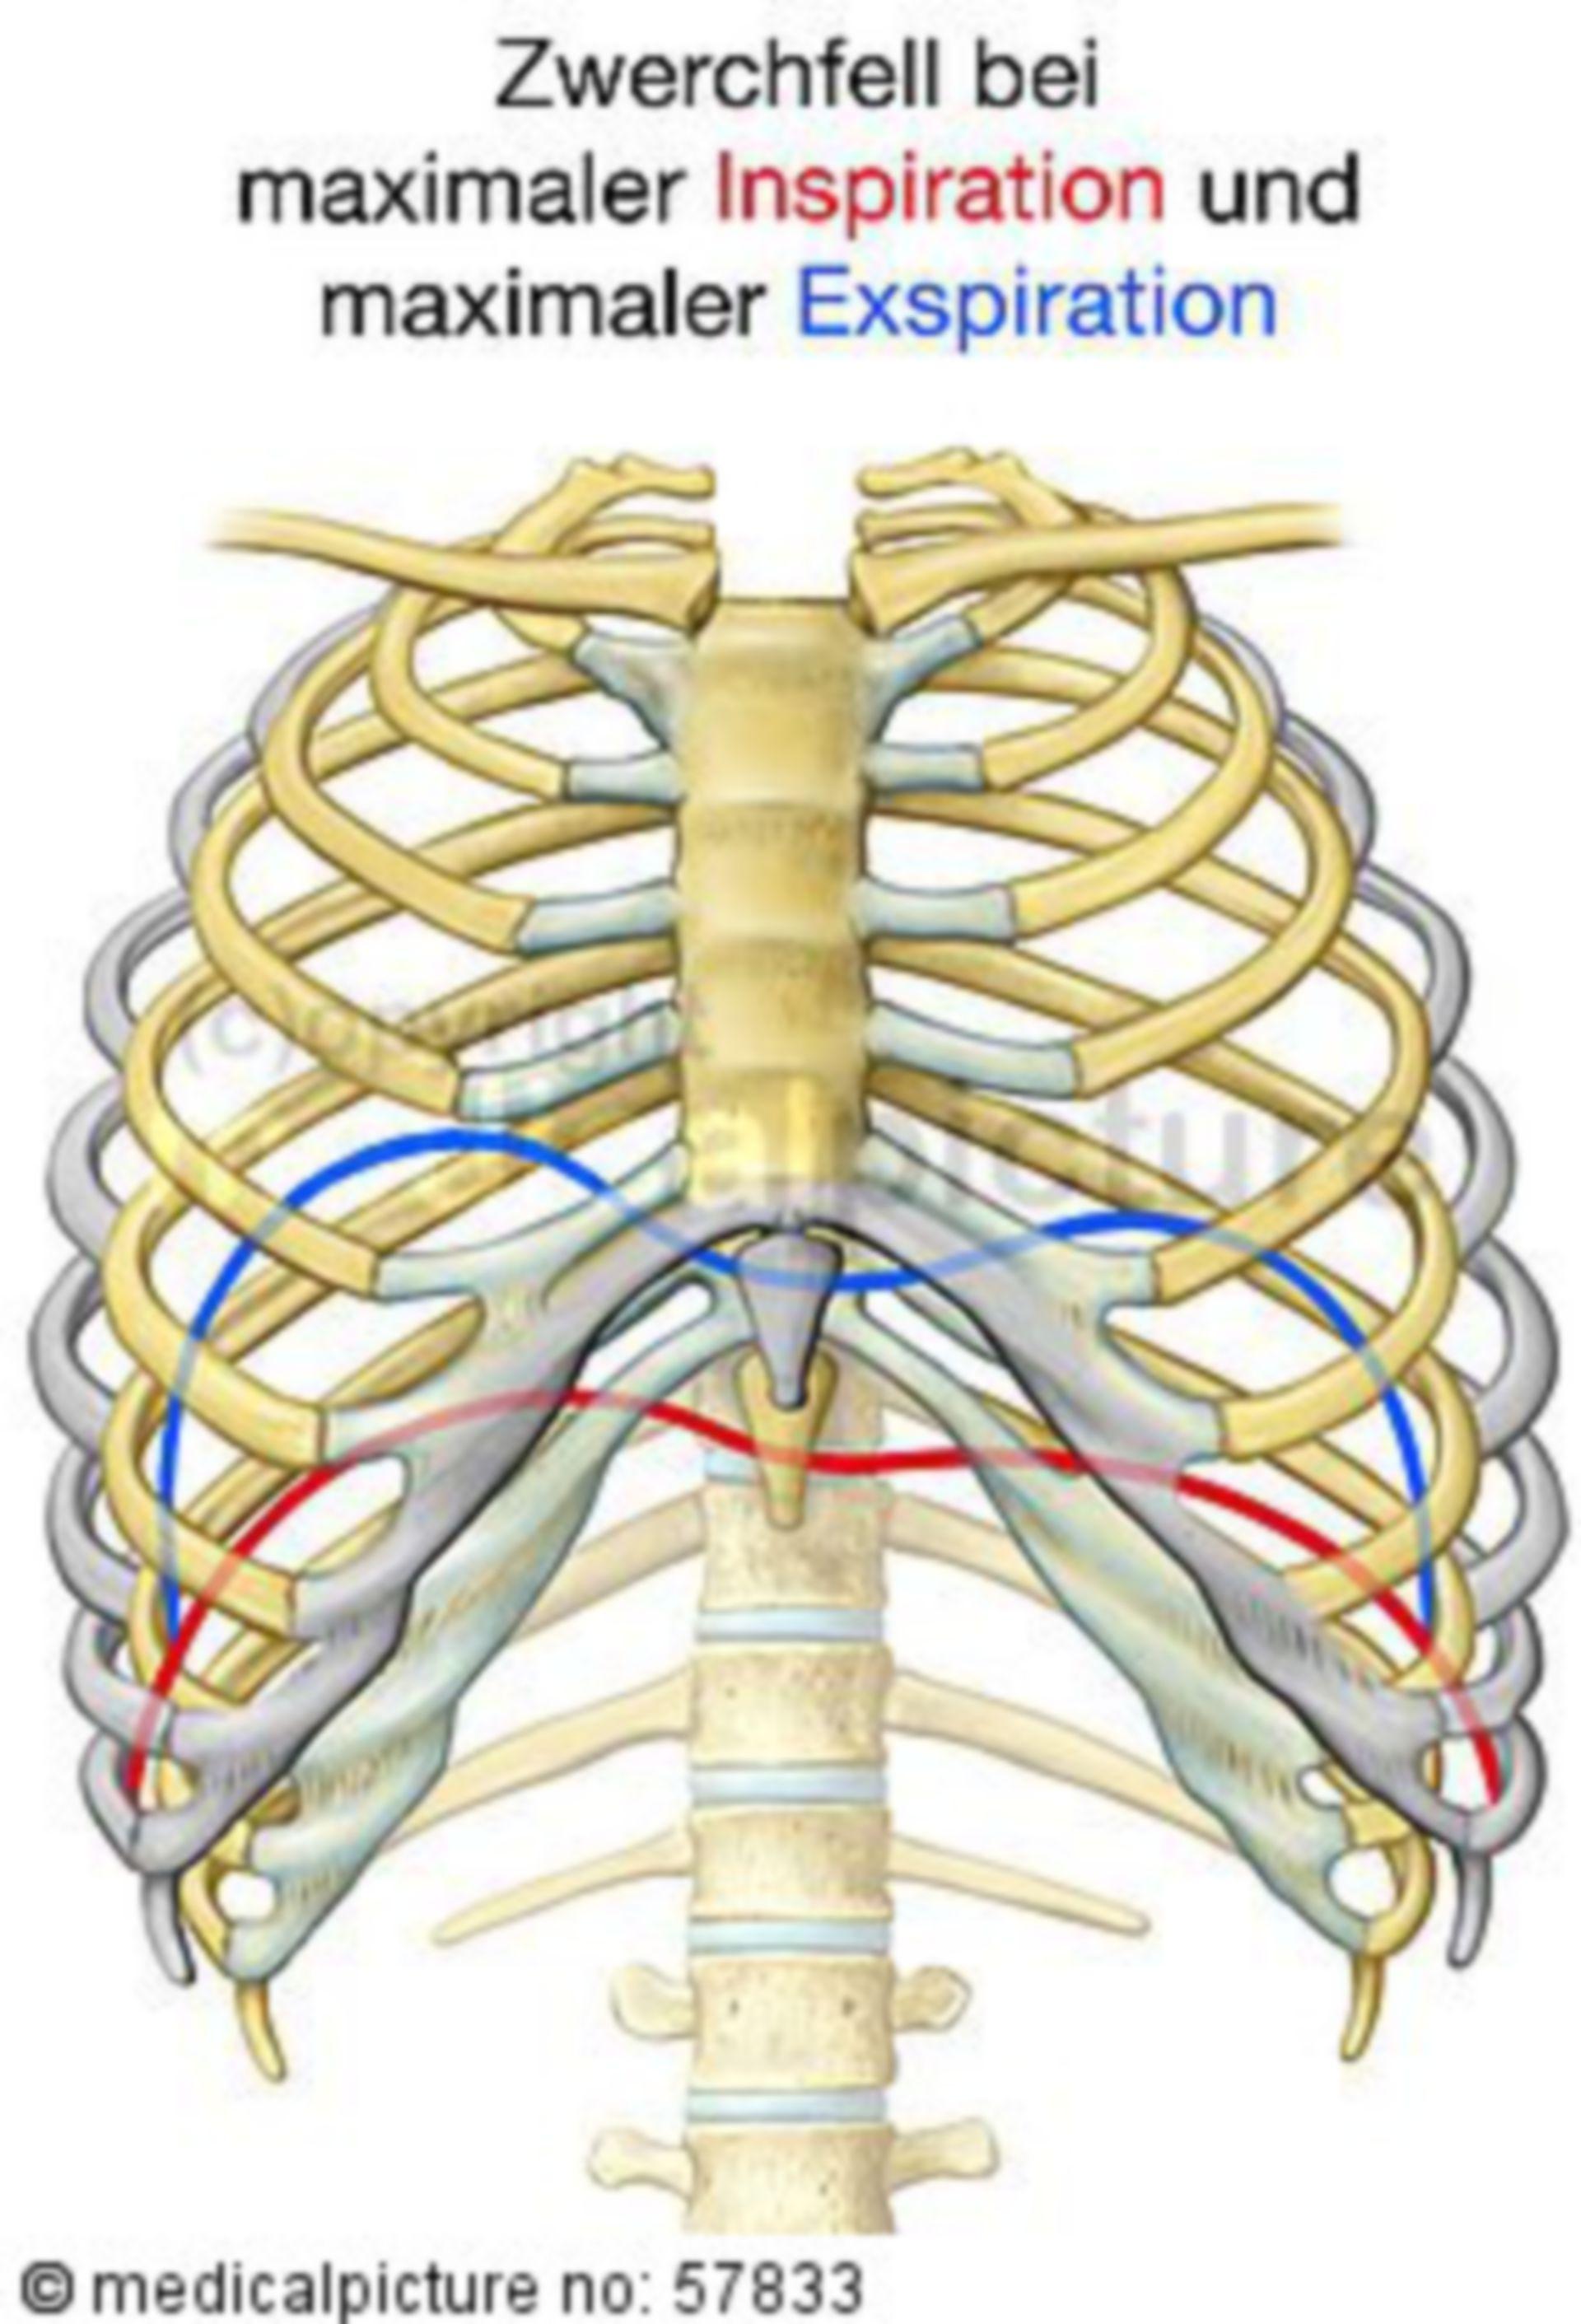 Anatomiche illustrazioni - respiratorio (movimento del diaframma)